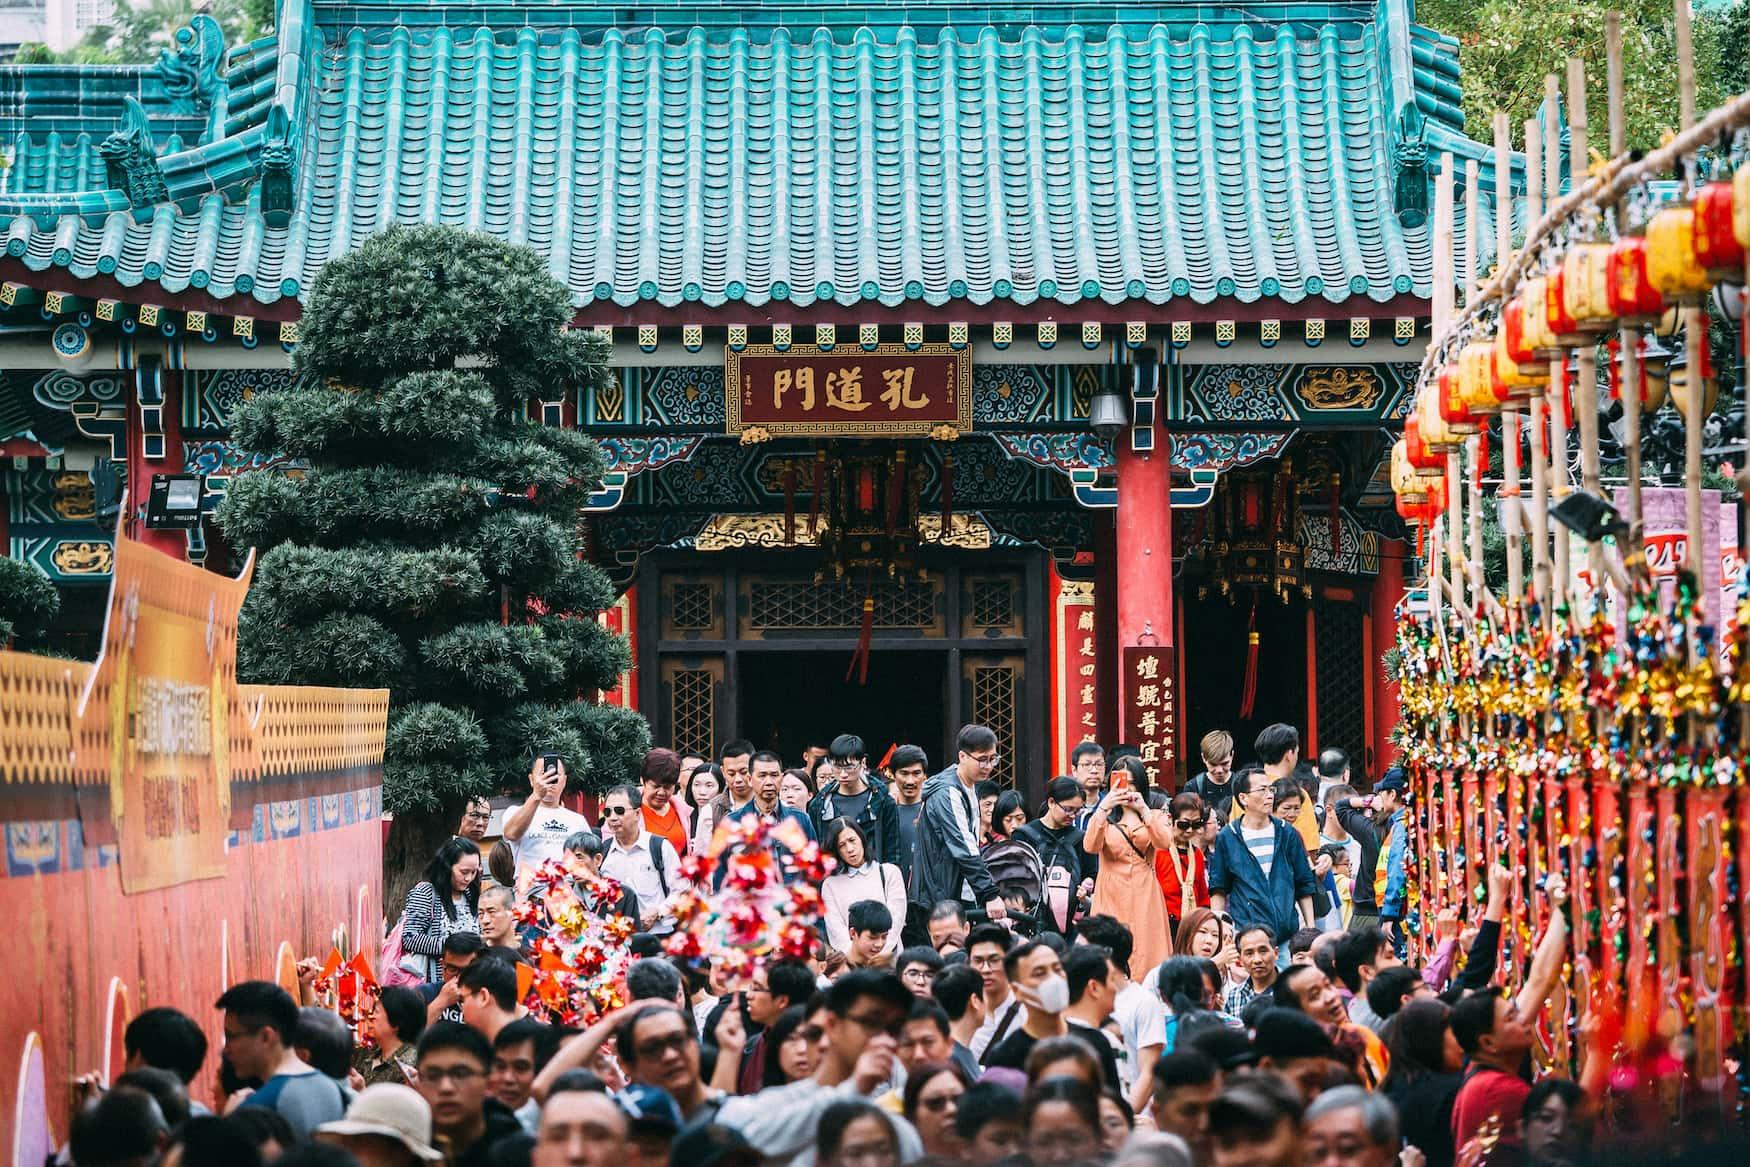 Zum chinesischen Neujahrsfest kommen die Menschen zum Wong Tai Sin-Tempel, um sich etwas zu wünschen.